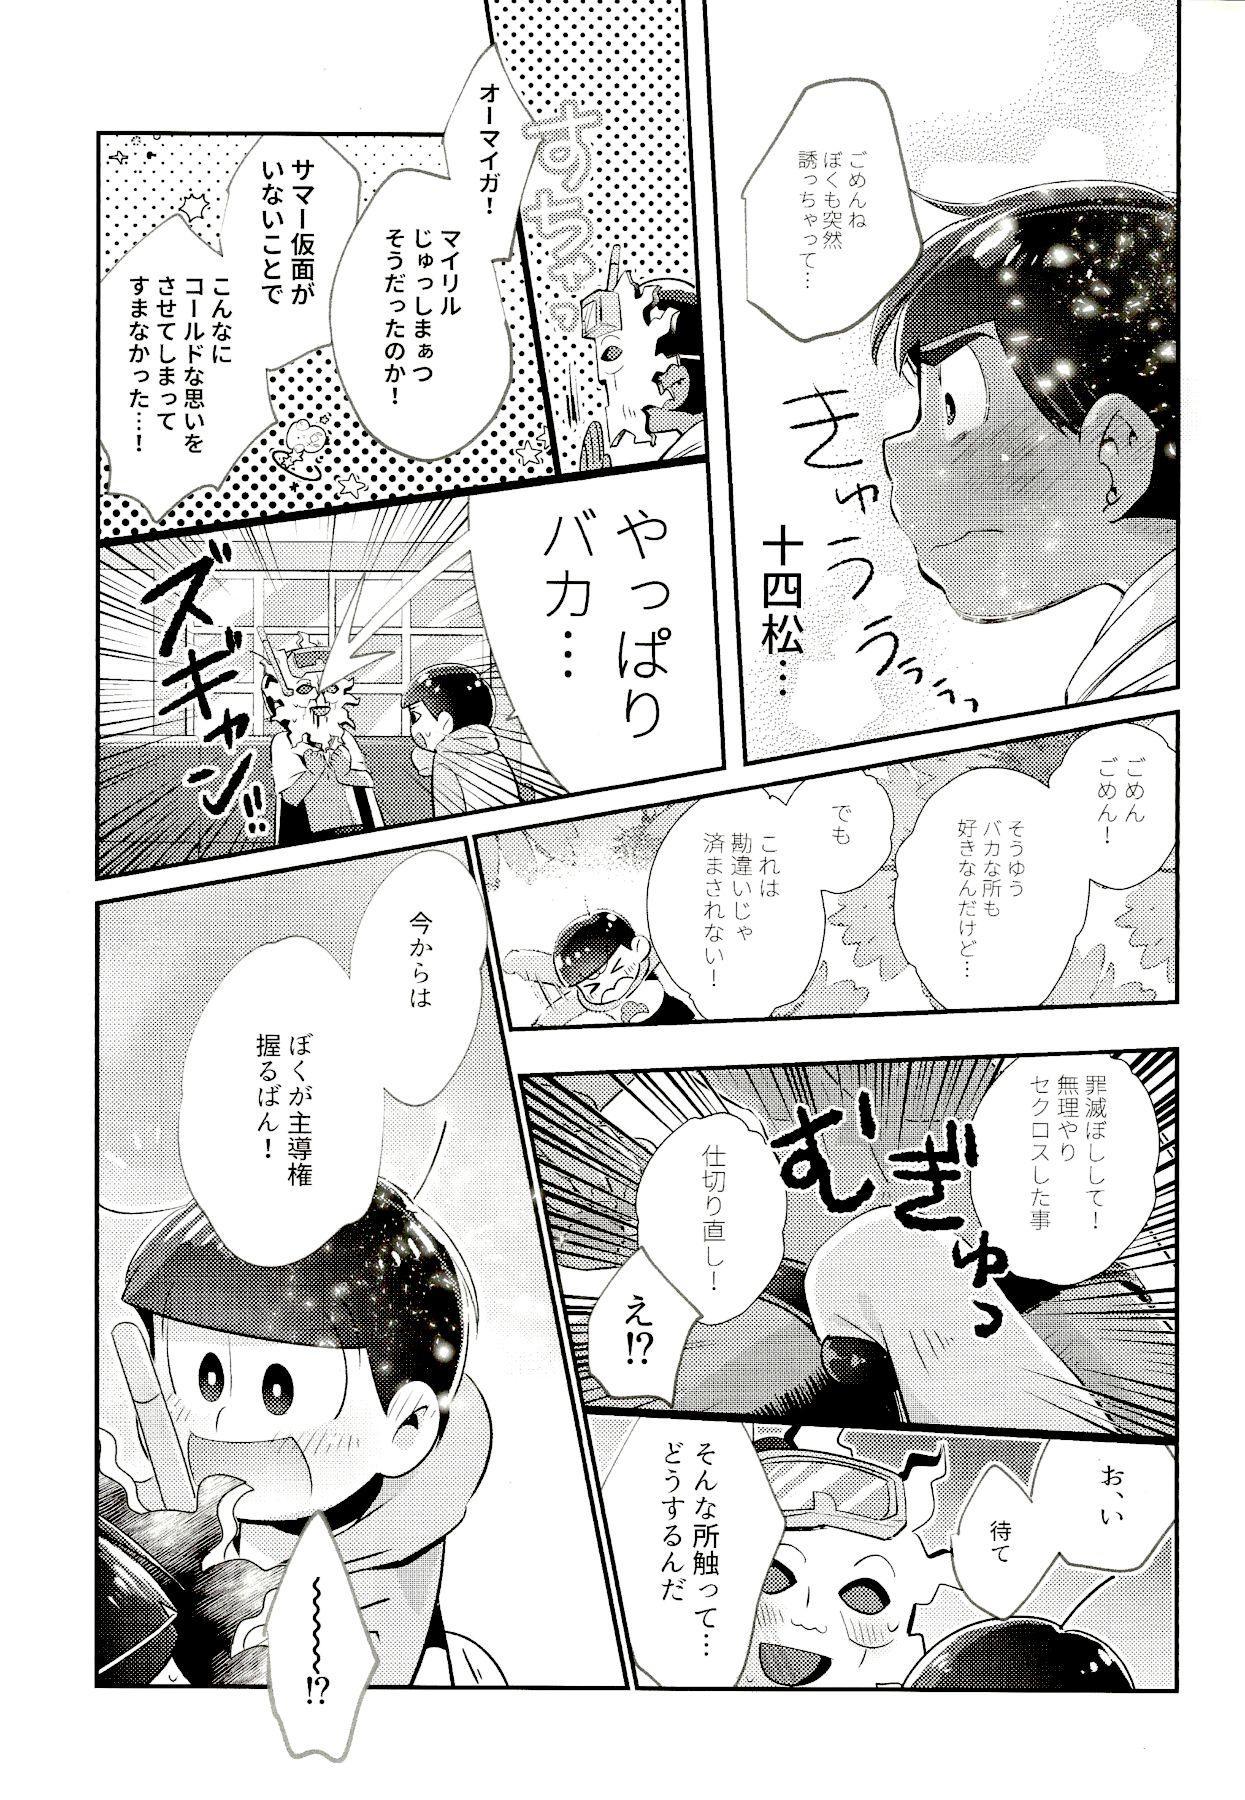 My Riru Juushimatsu ga Summer Kamen to xx Shitaidato!? 13